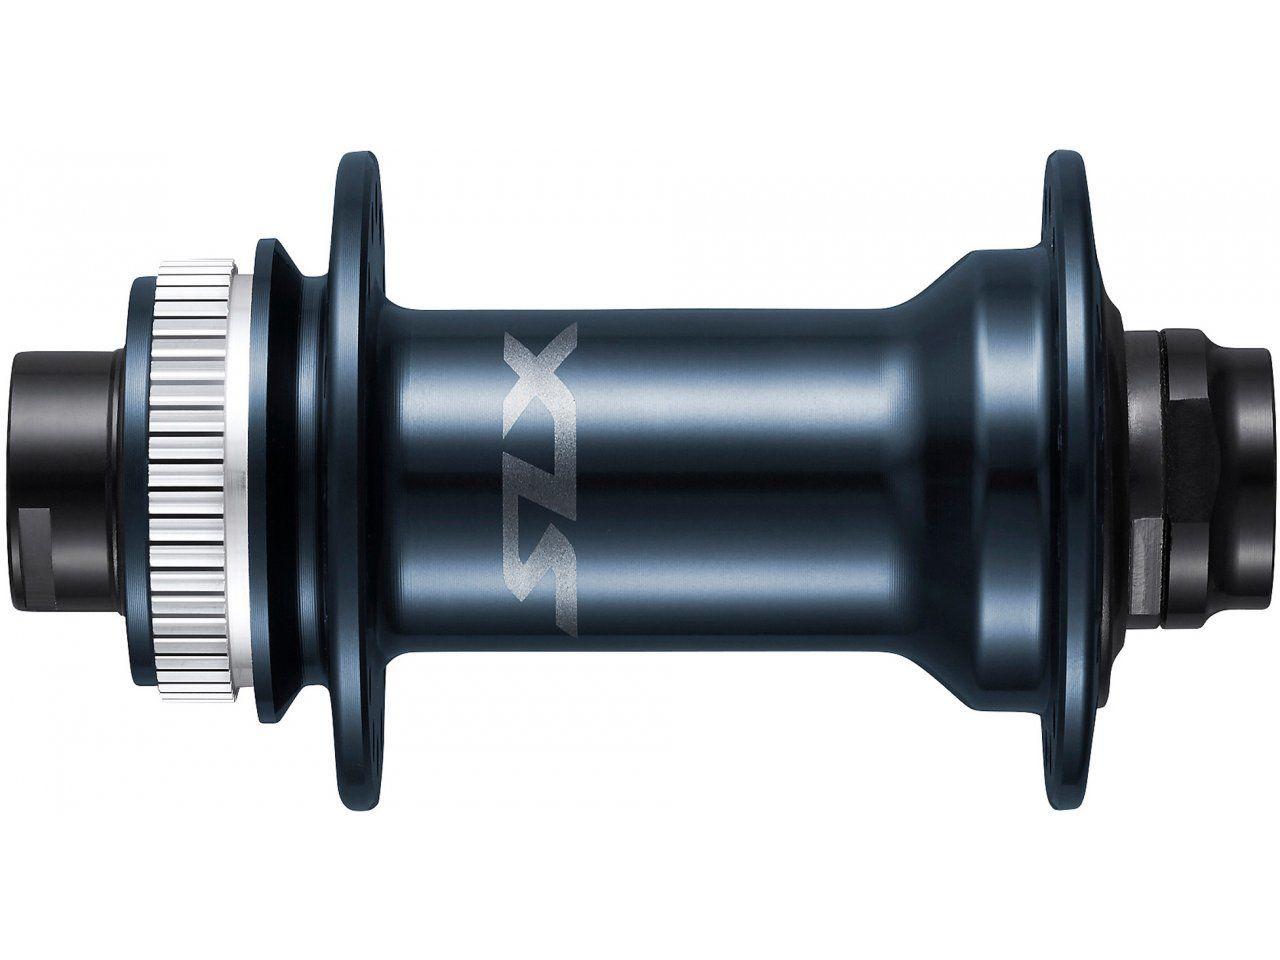 Cubo Dianteiro Shimano SLX HB-M7110 32F 15x100mm